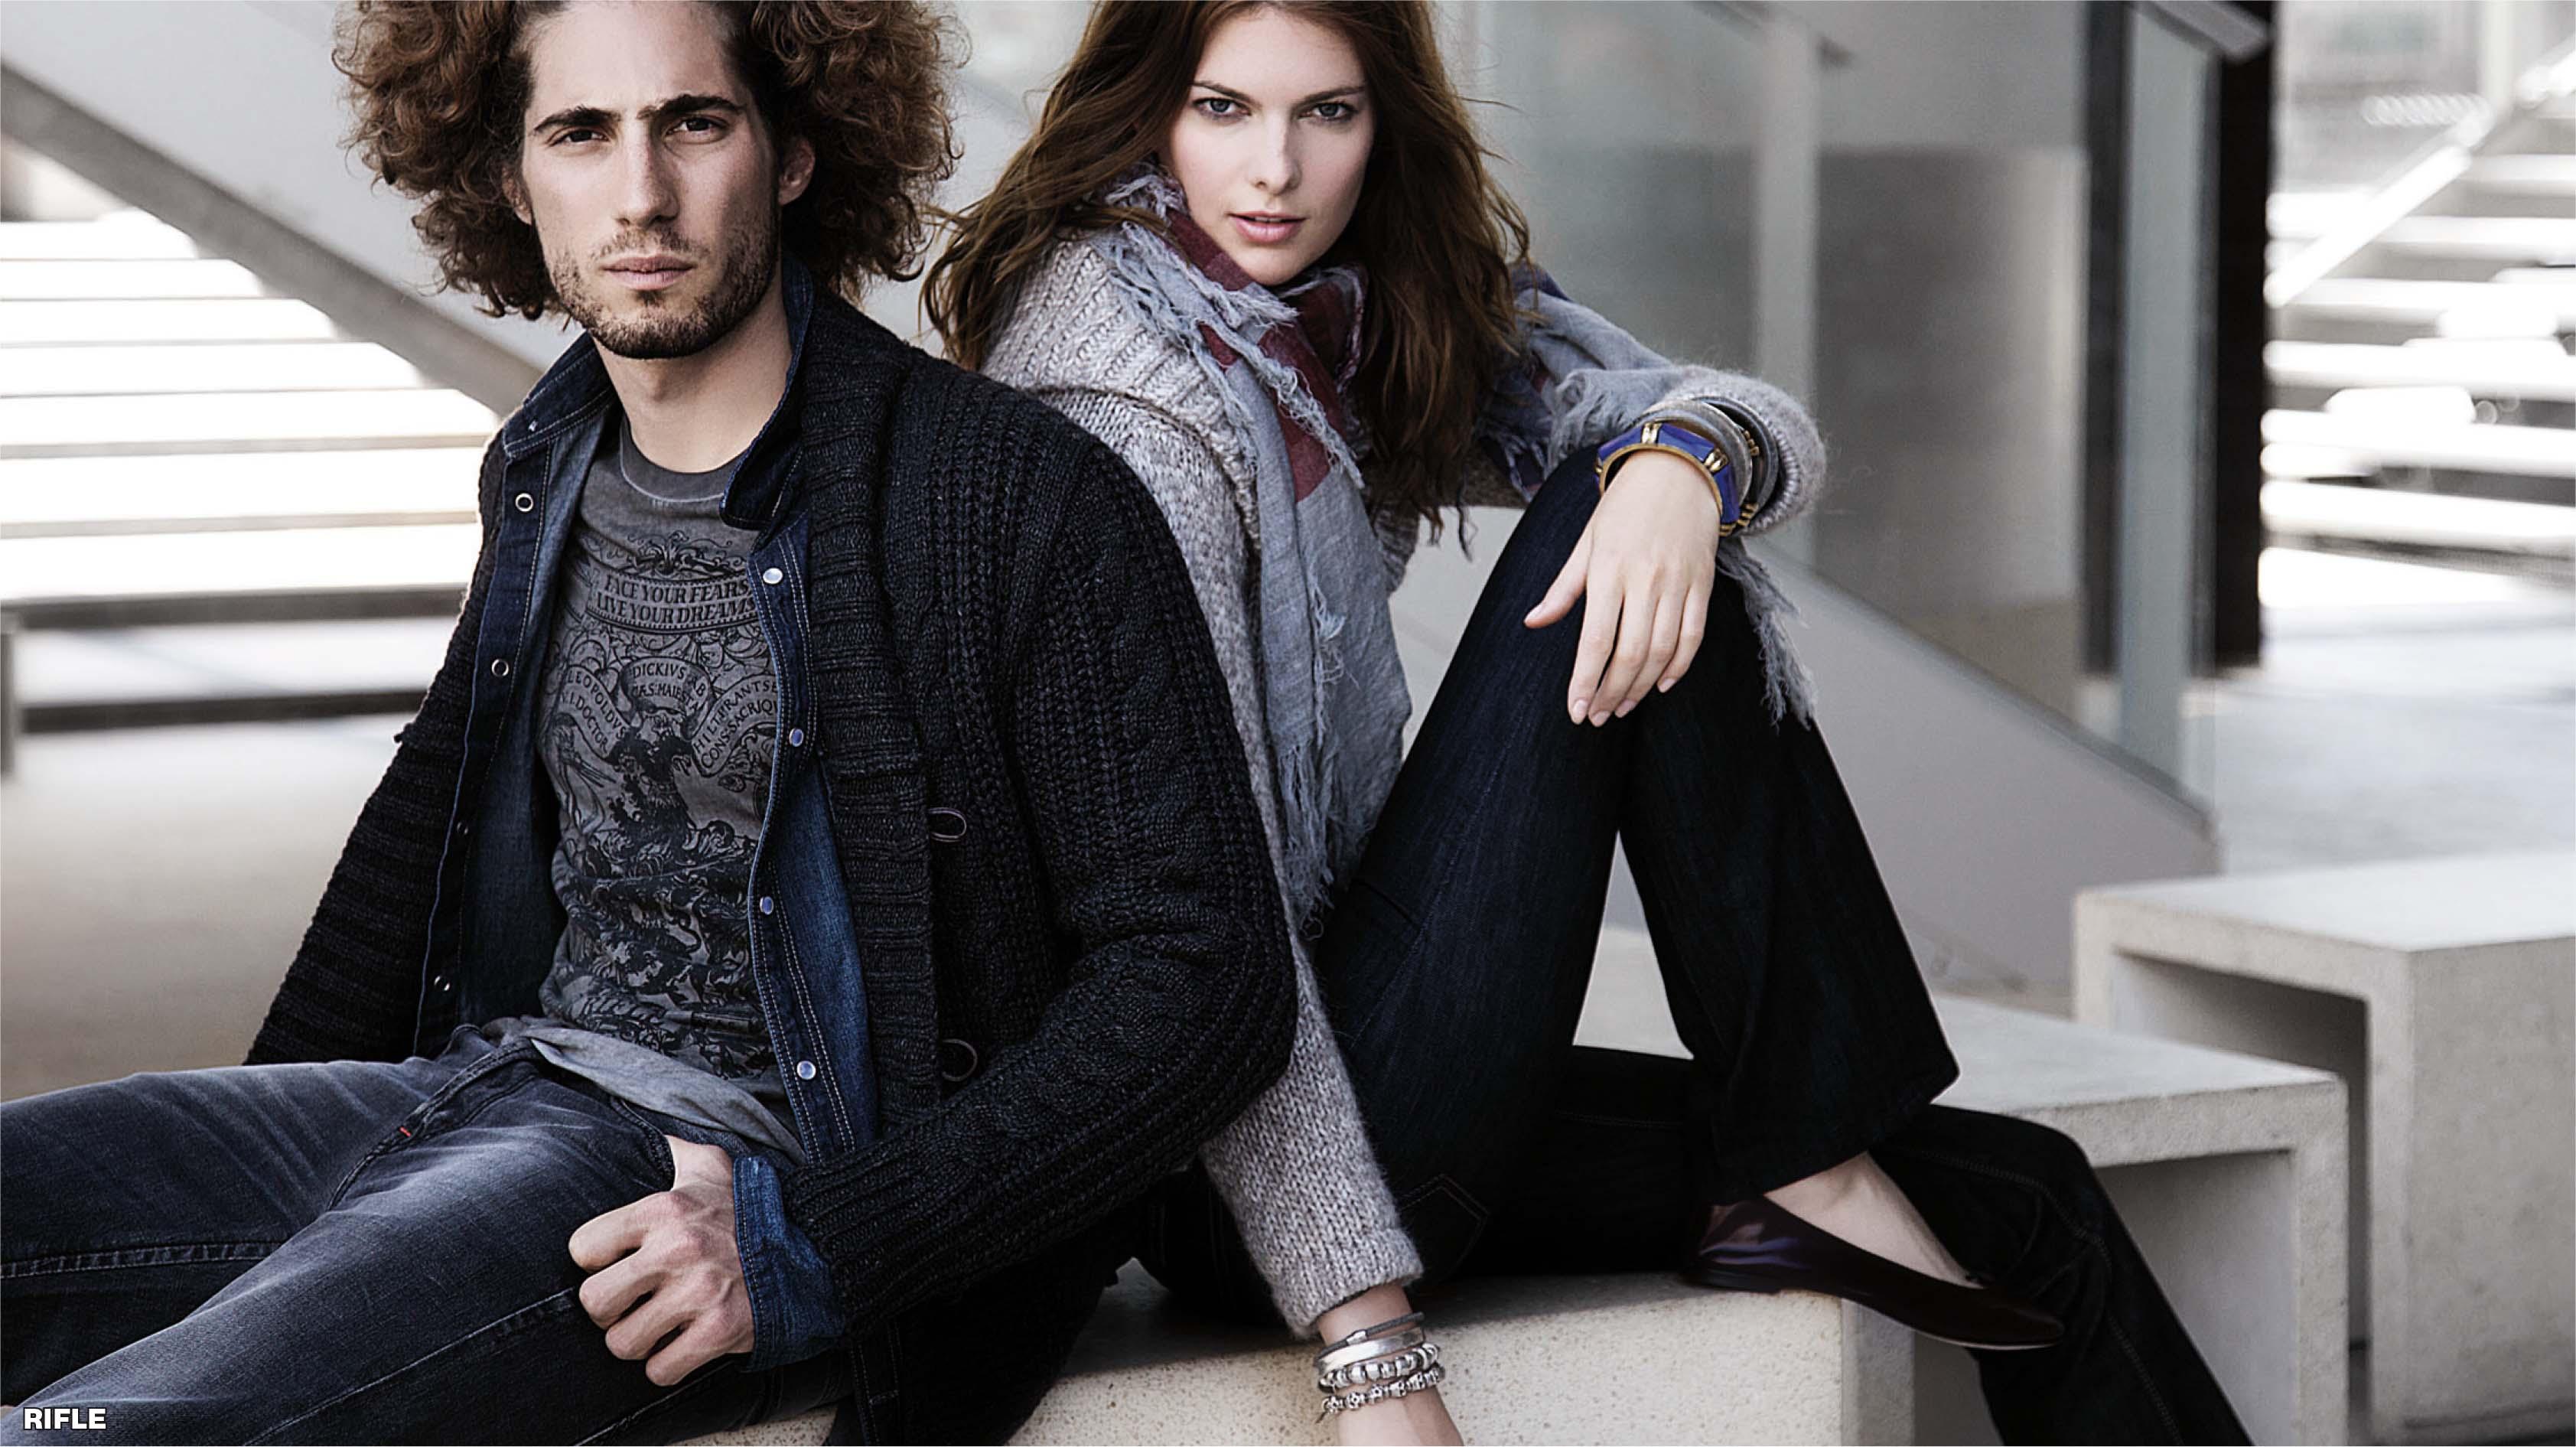 92c71922eda4 RIFLE je najstaršia talianska džínsová značka založená v roku 1958  súrodencami Fratini. Dvaja podnikatelia dovozom amerických džínsov